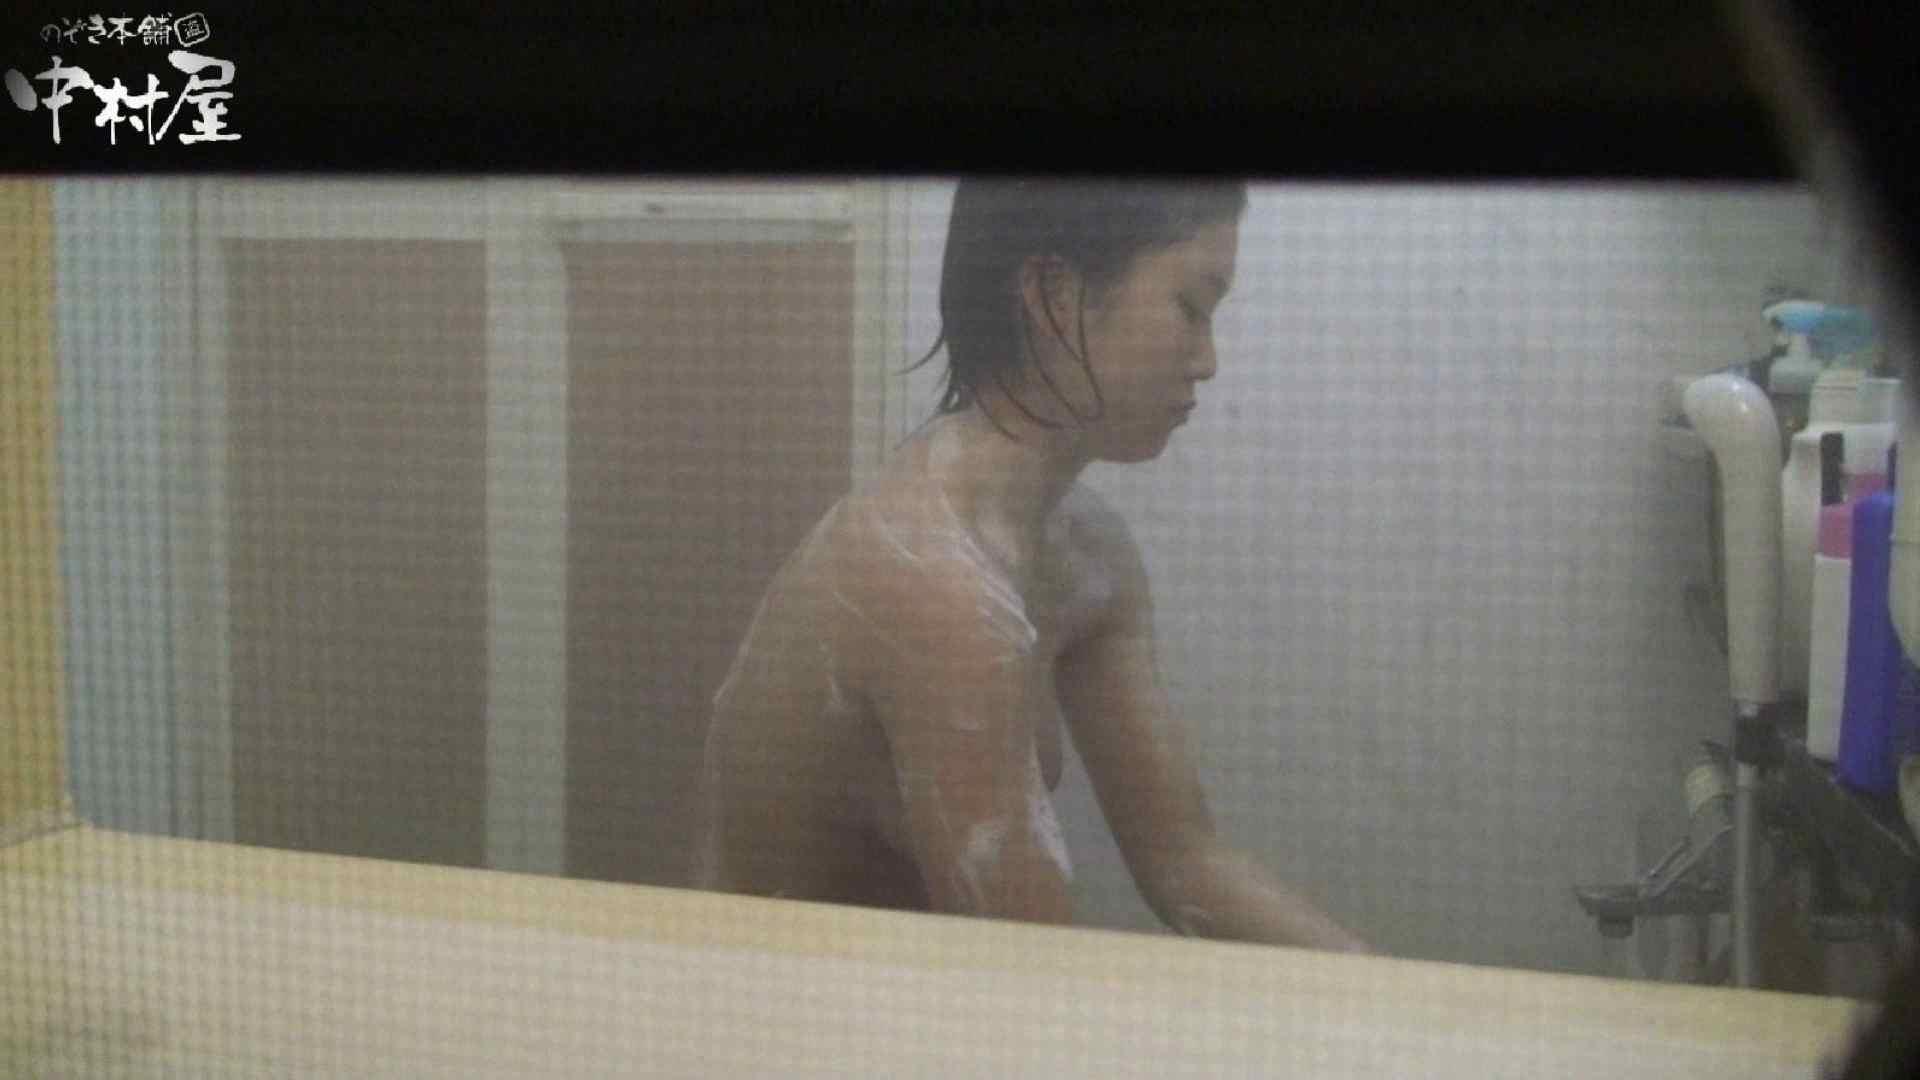 民家風呂専門盗撮師の超危険映像 vol.027 民家 | 美少女ヌード  49pic 30